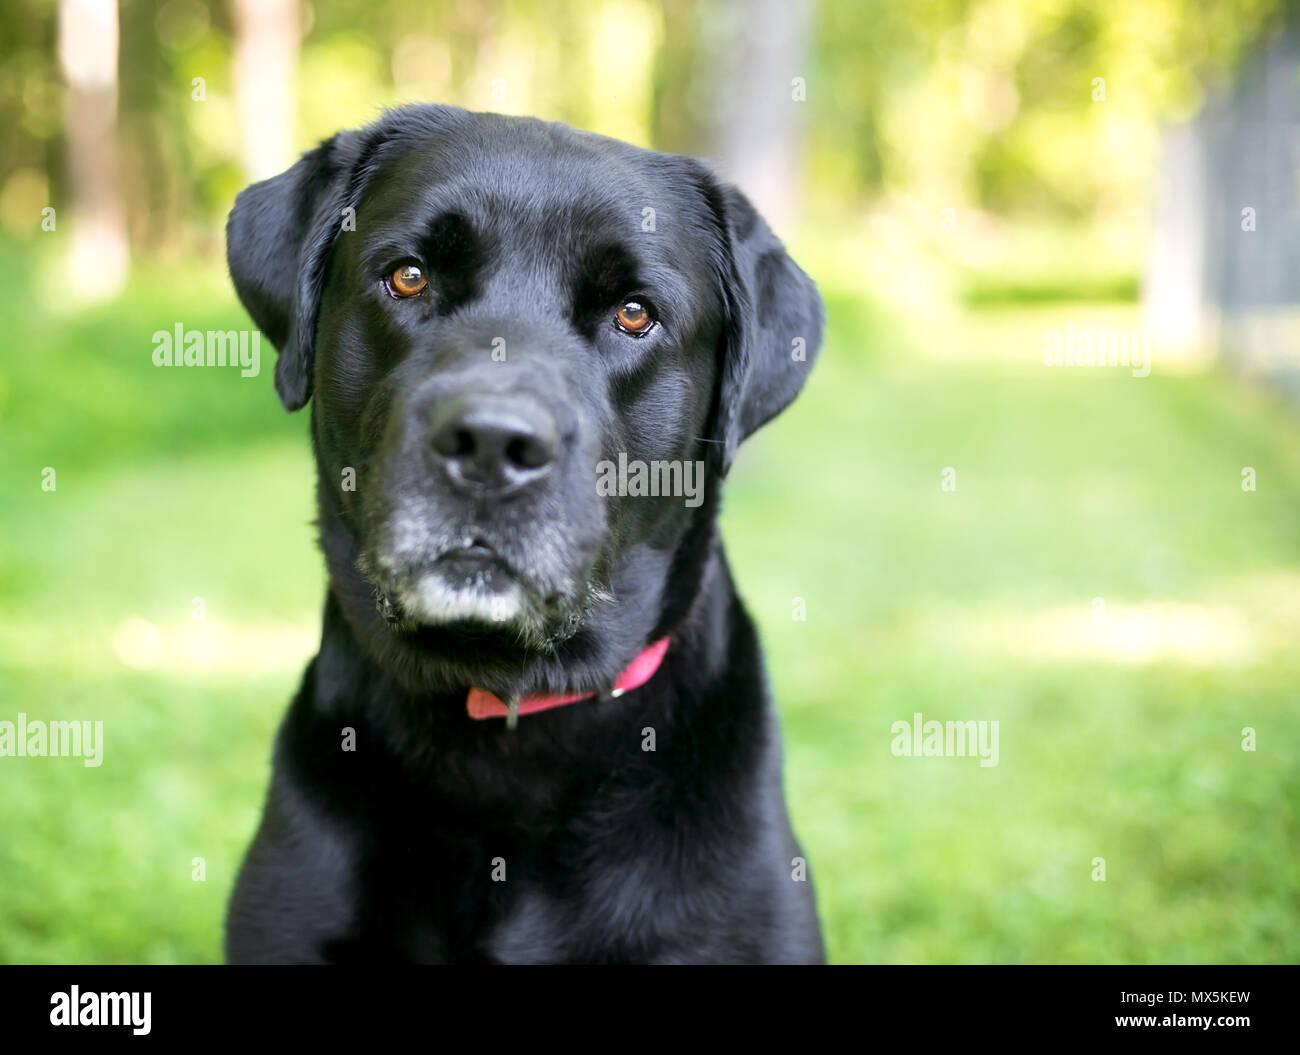 Glanzendes Schwarzes Fell Stockfotos Und Bilder Kaufen Alamy